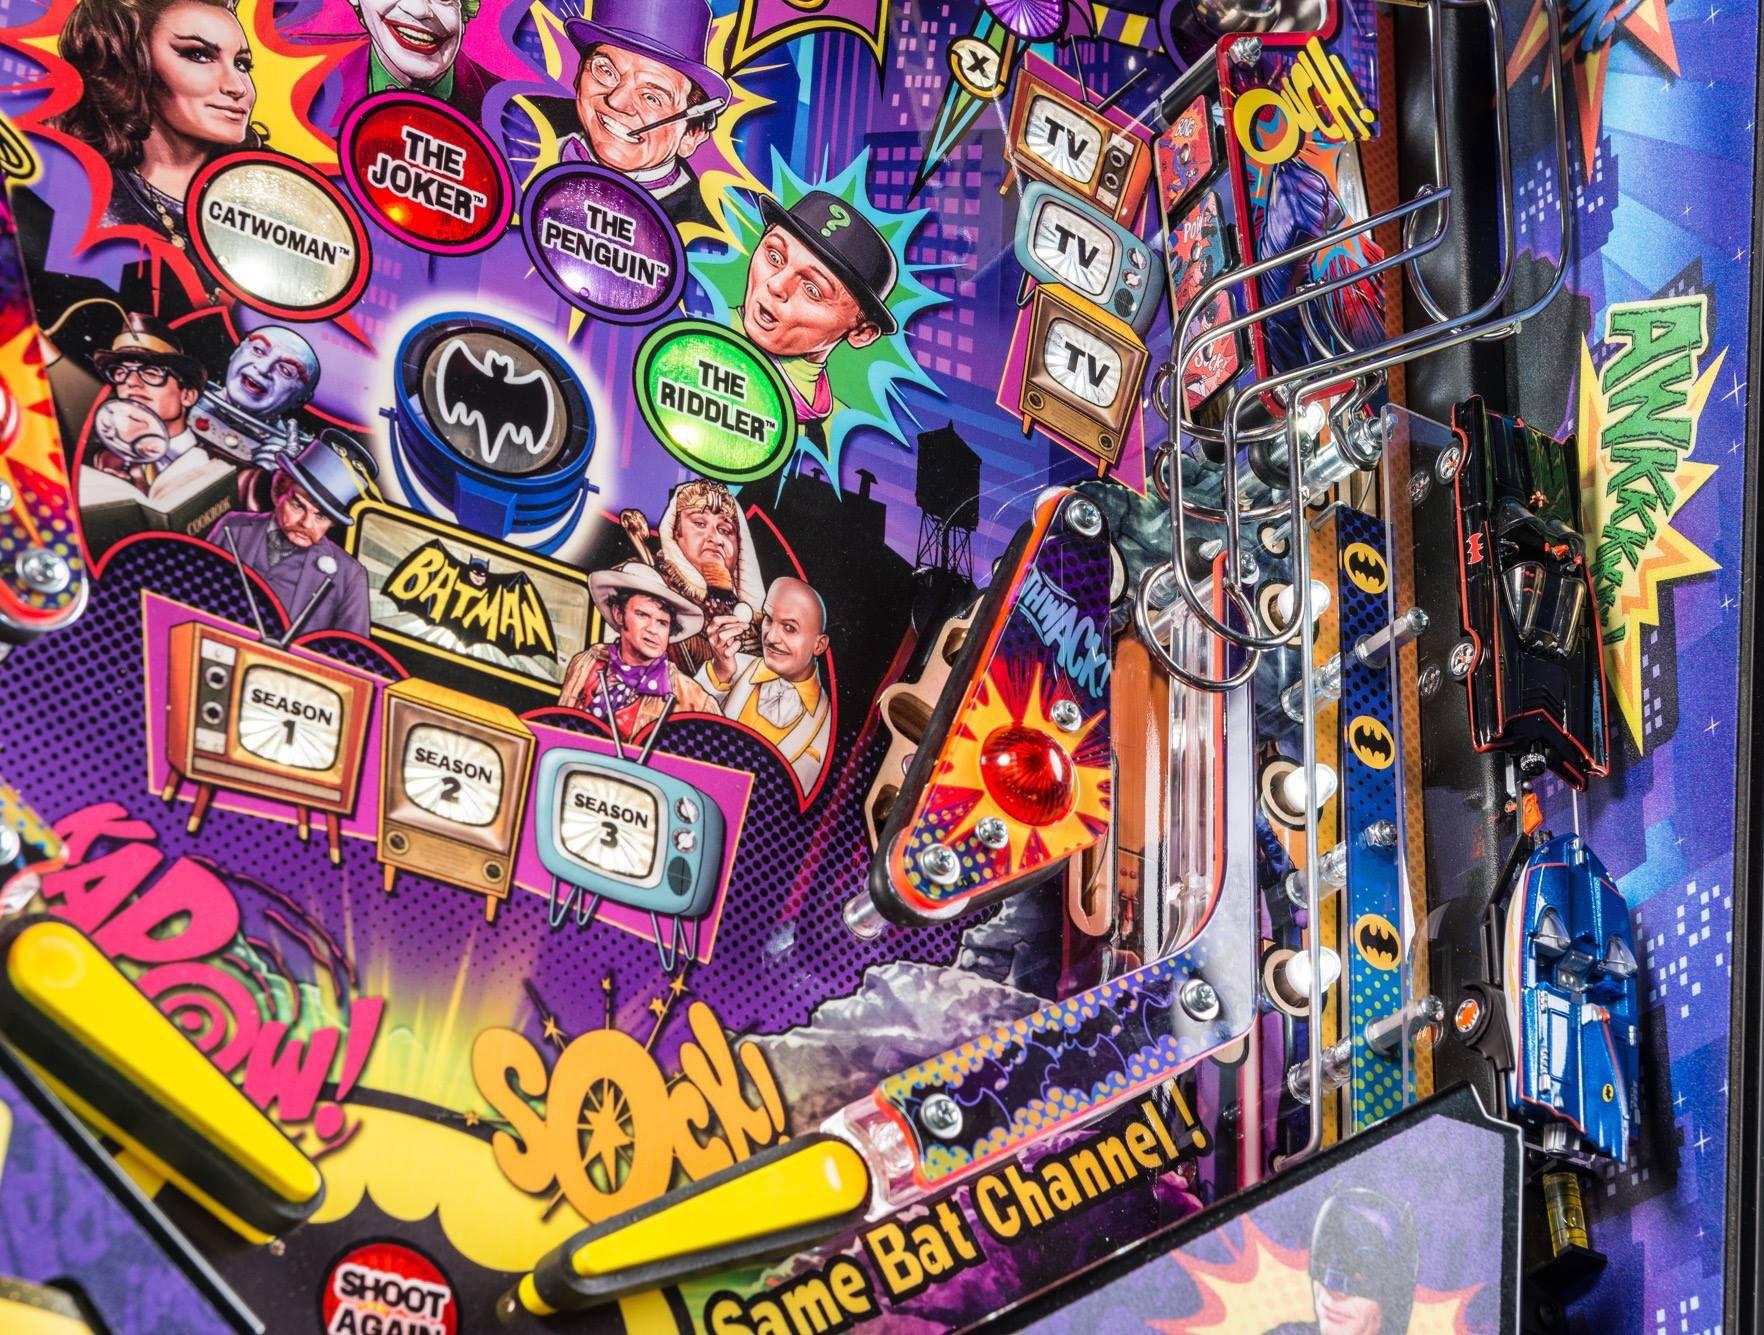 Batman 66 playfield detail